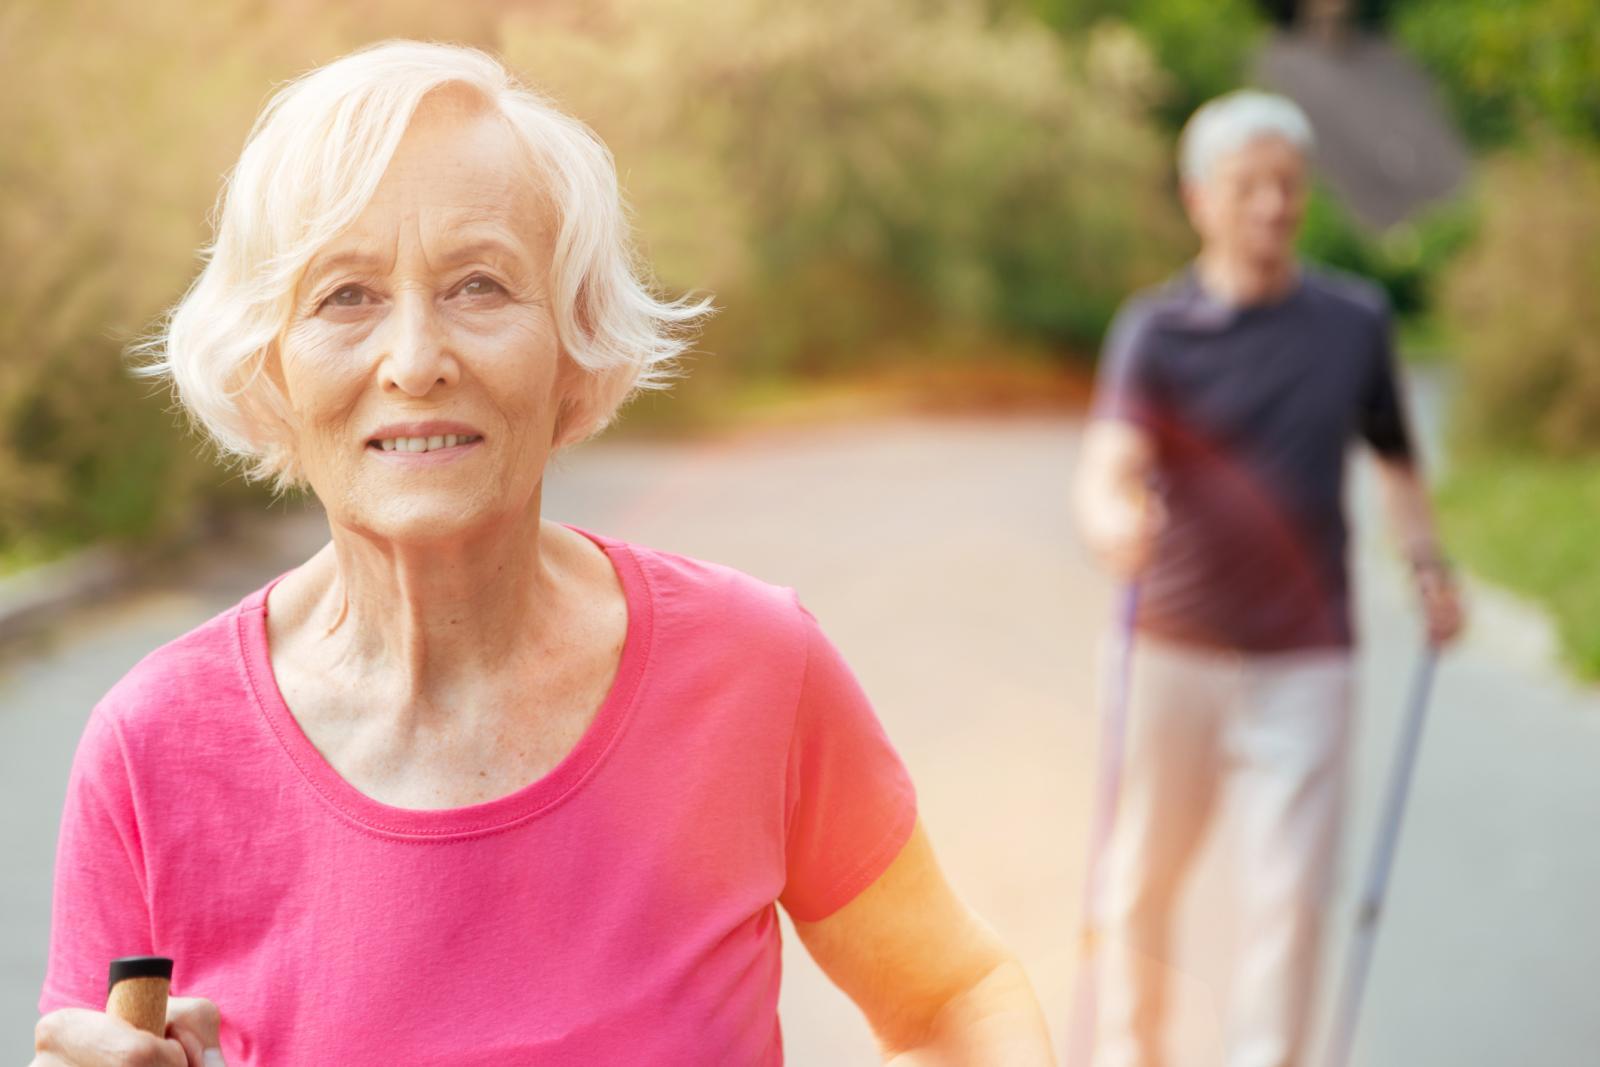 Ne treba zaboraviti ni da je umjerena tjelesna aktivnost dobra za svladavanje umora i depresije.